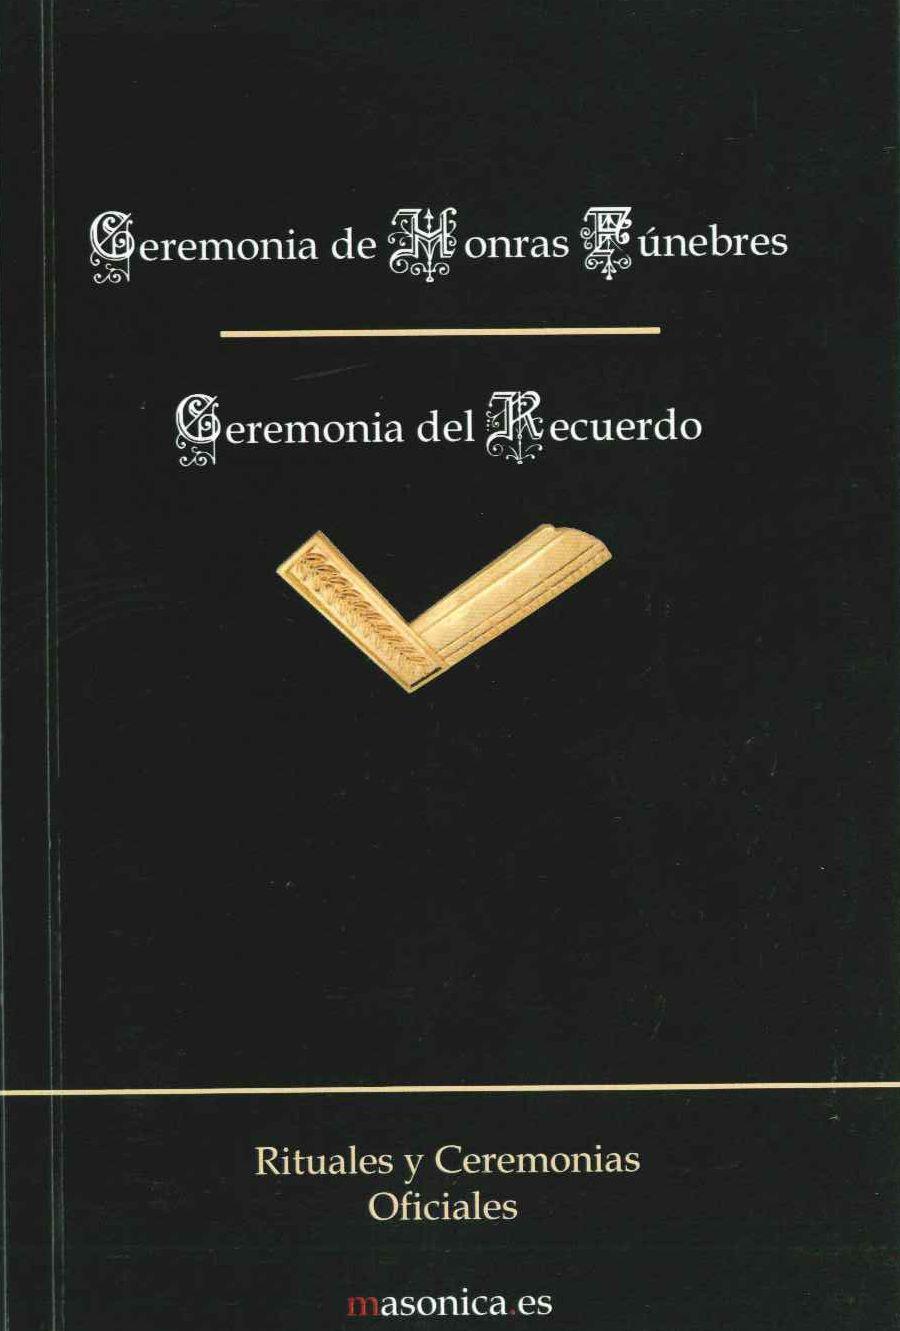 CEREMONIA HONRAS Y DEL RECUERDO